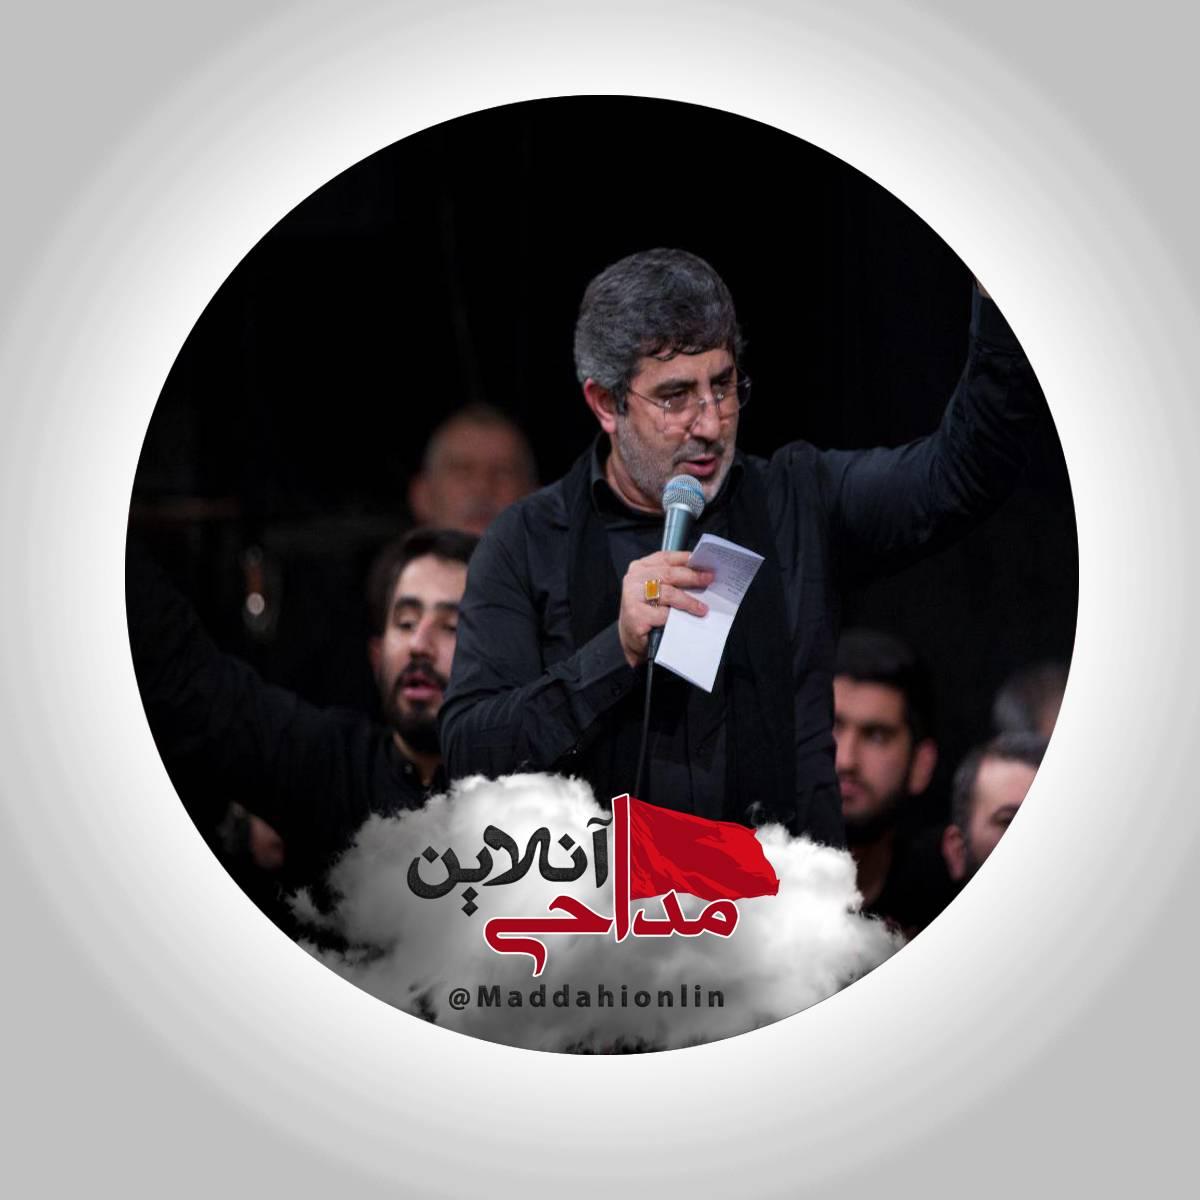 محرم 1400 حاج محمدرضا طاهری